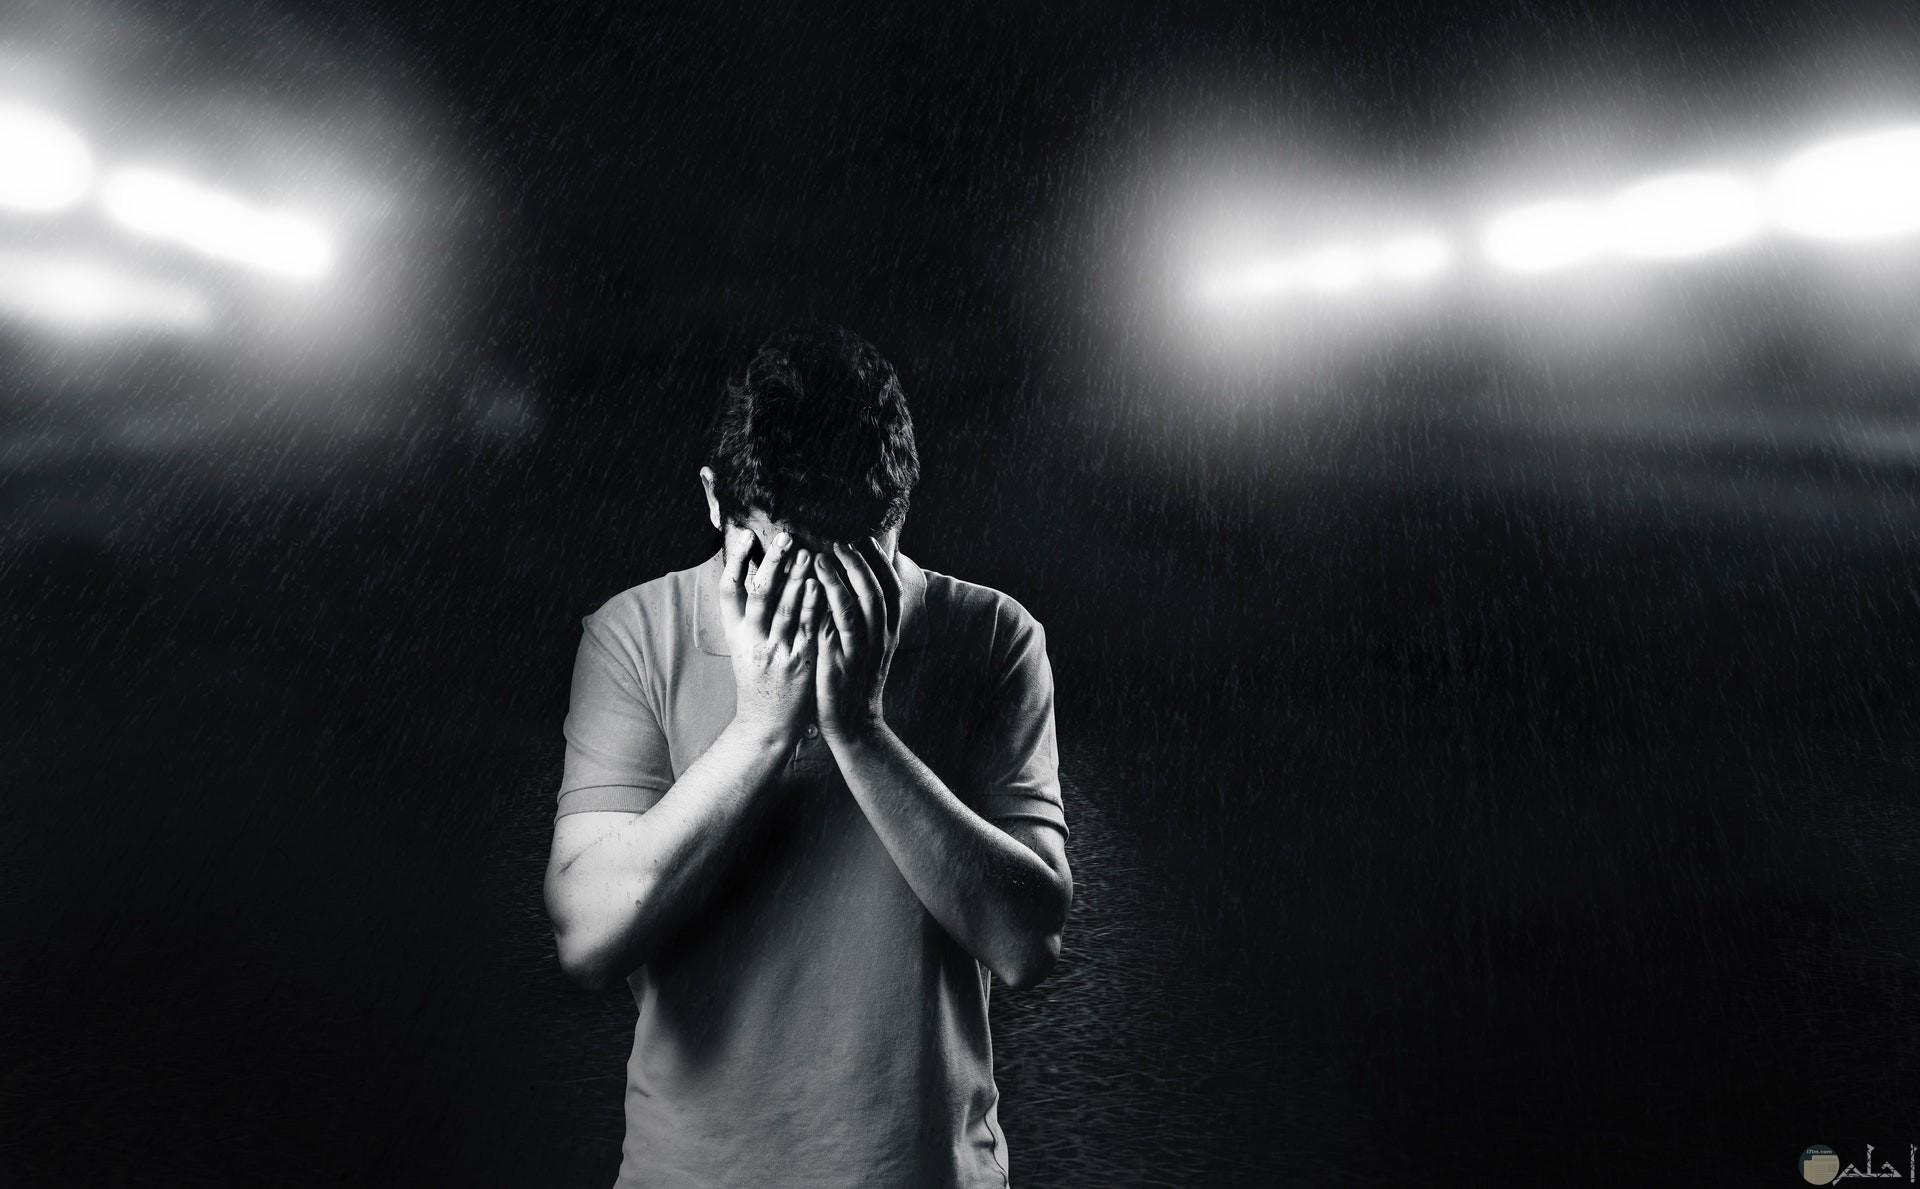 صورة حزينة لشاب حزين ومكتئب